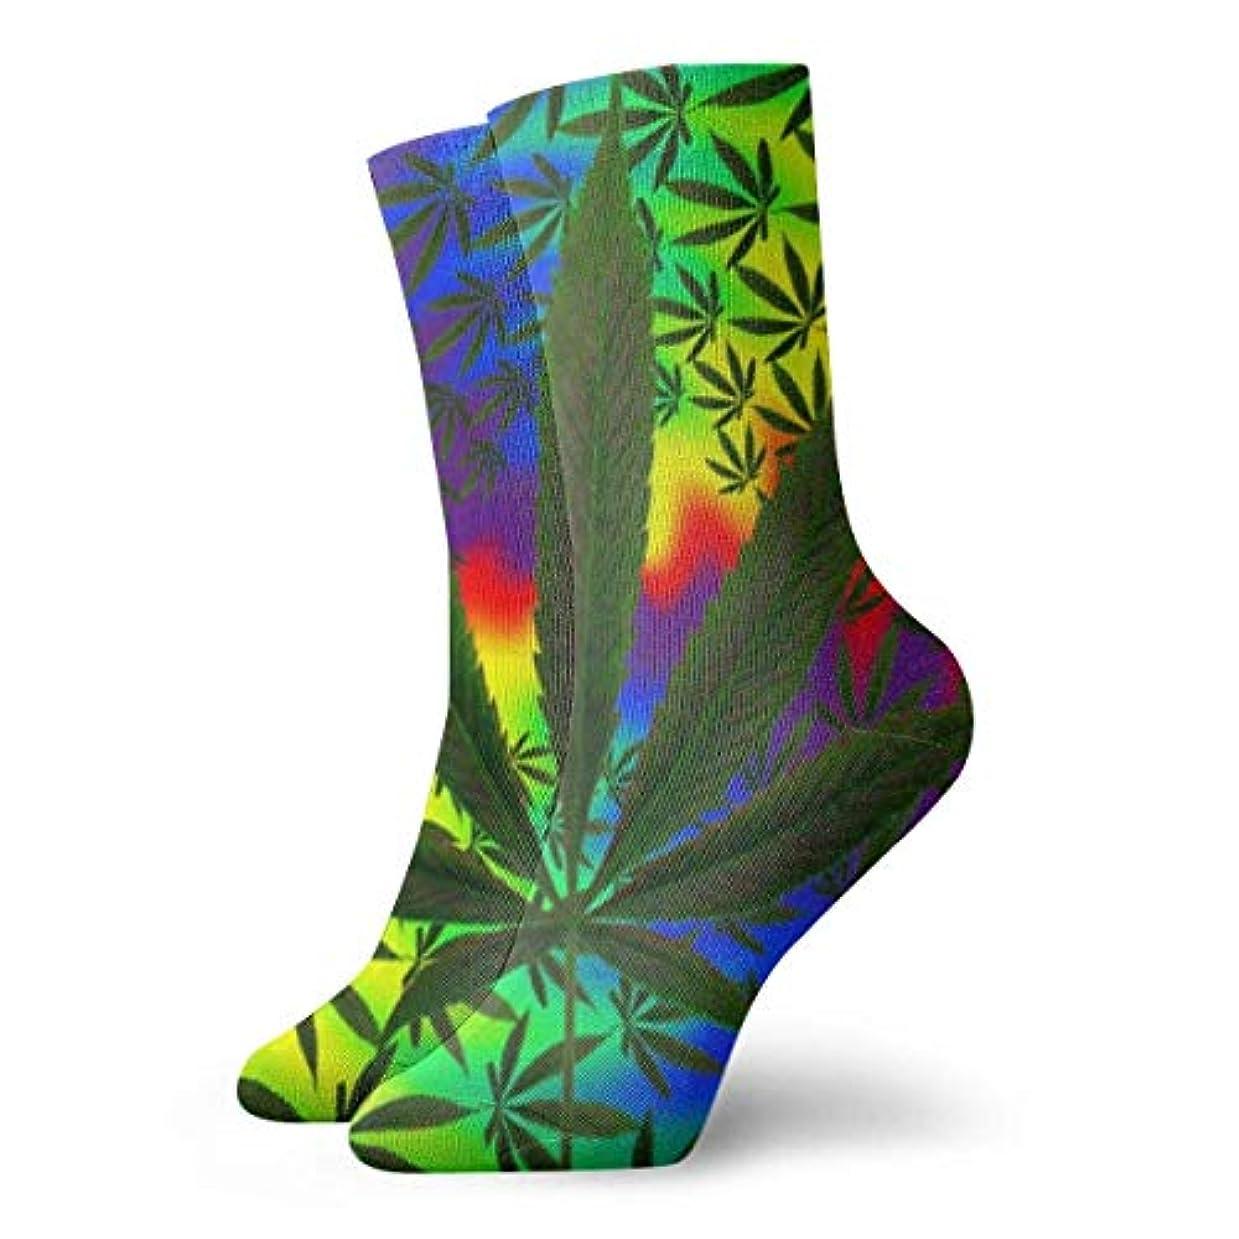 保有者肯定的そこカリスマユニセックスカラフルドレスソックス、サイケデリックマリファナ雑草、冬柔らかい居心地の良い暖かい靴下かわいい面白いクルーコットンソックス1パック